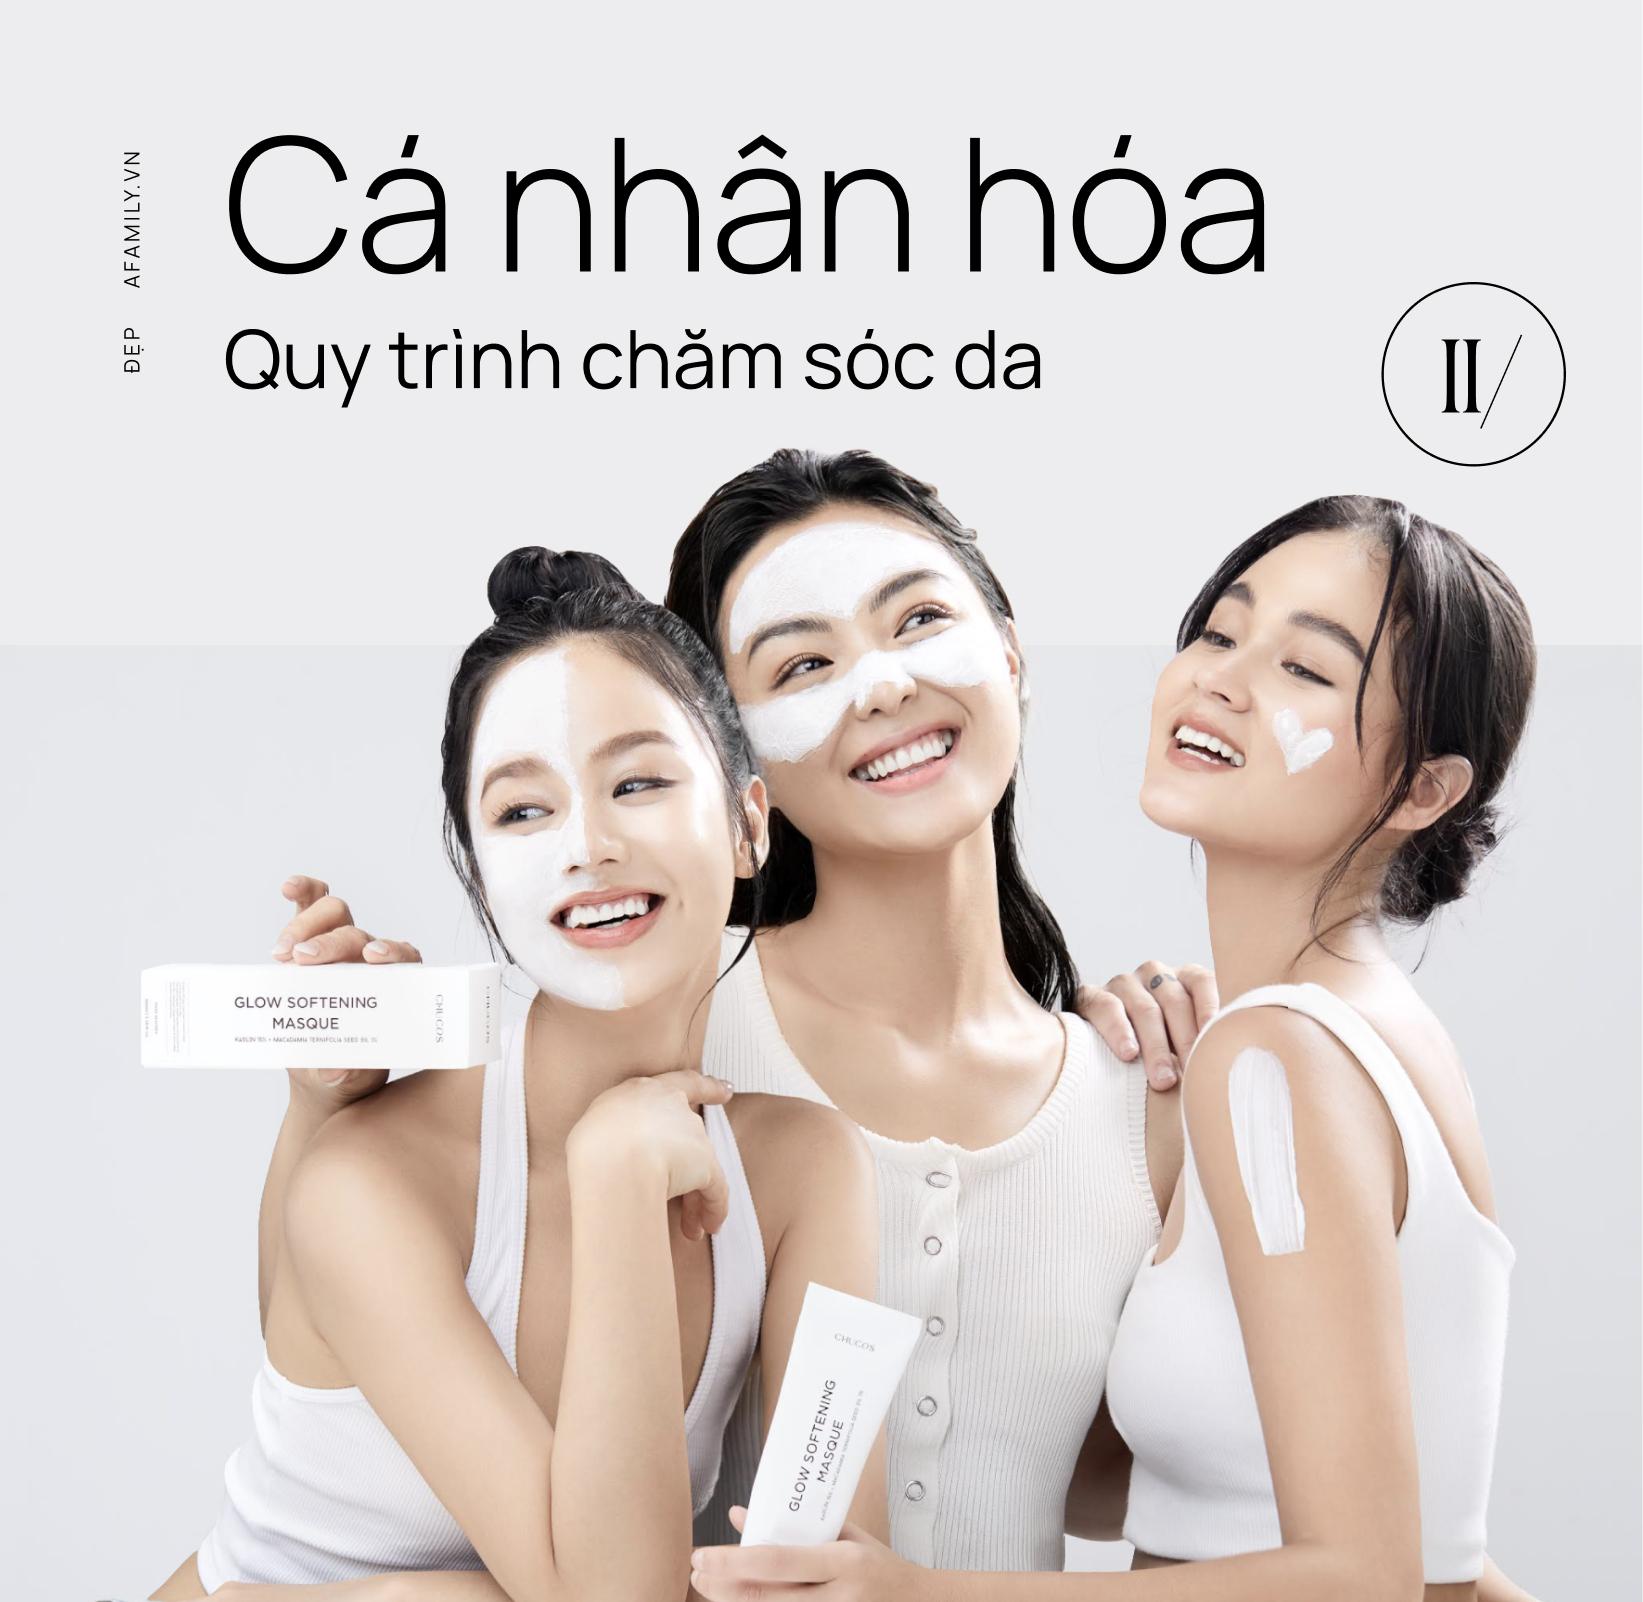 Chucos: Thương hiệu mỹ phẩm Việt không màu mè hoa lá nhưng khẳng định chất lượng từ bên trong - Ảnh 4.